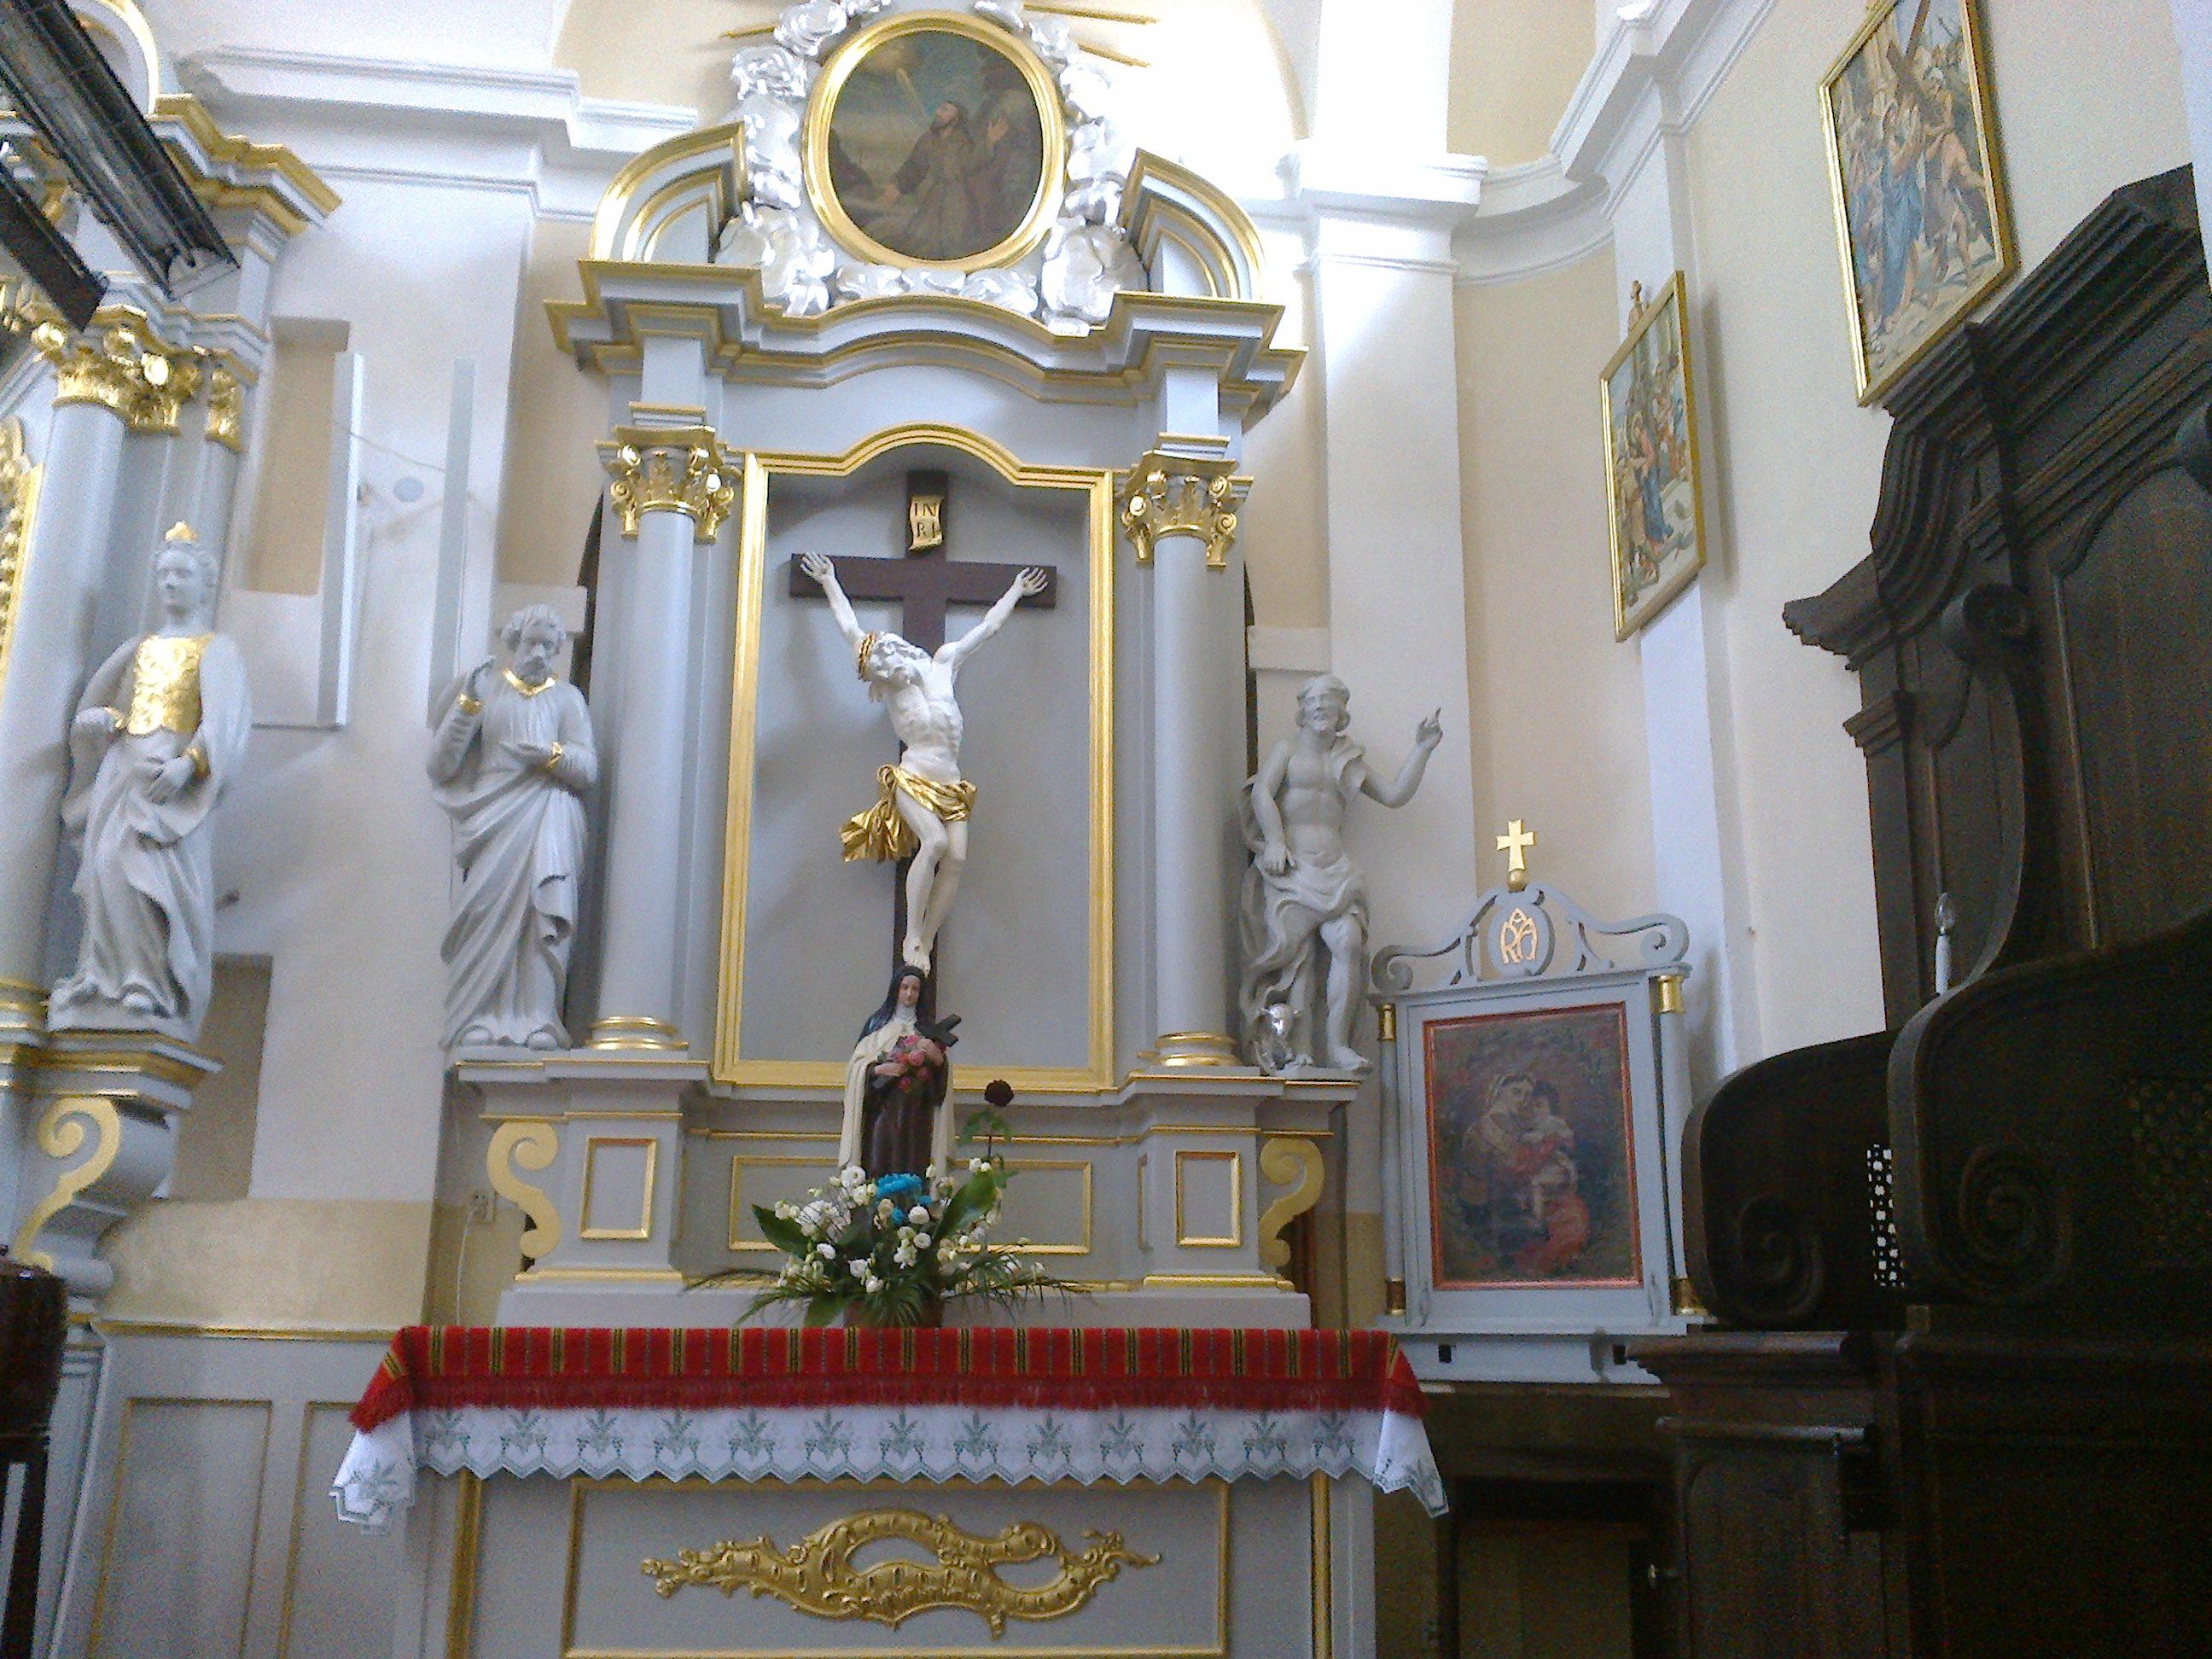 Ołtarz z barokowym krucyfiksem i figurą św. Teresy z Lisieux